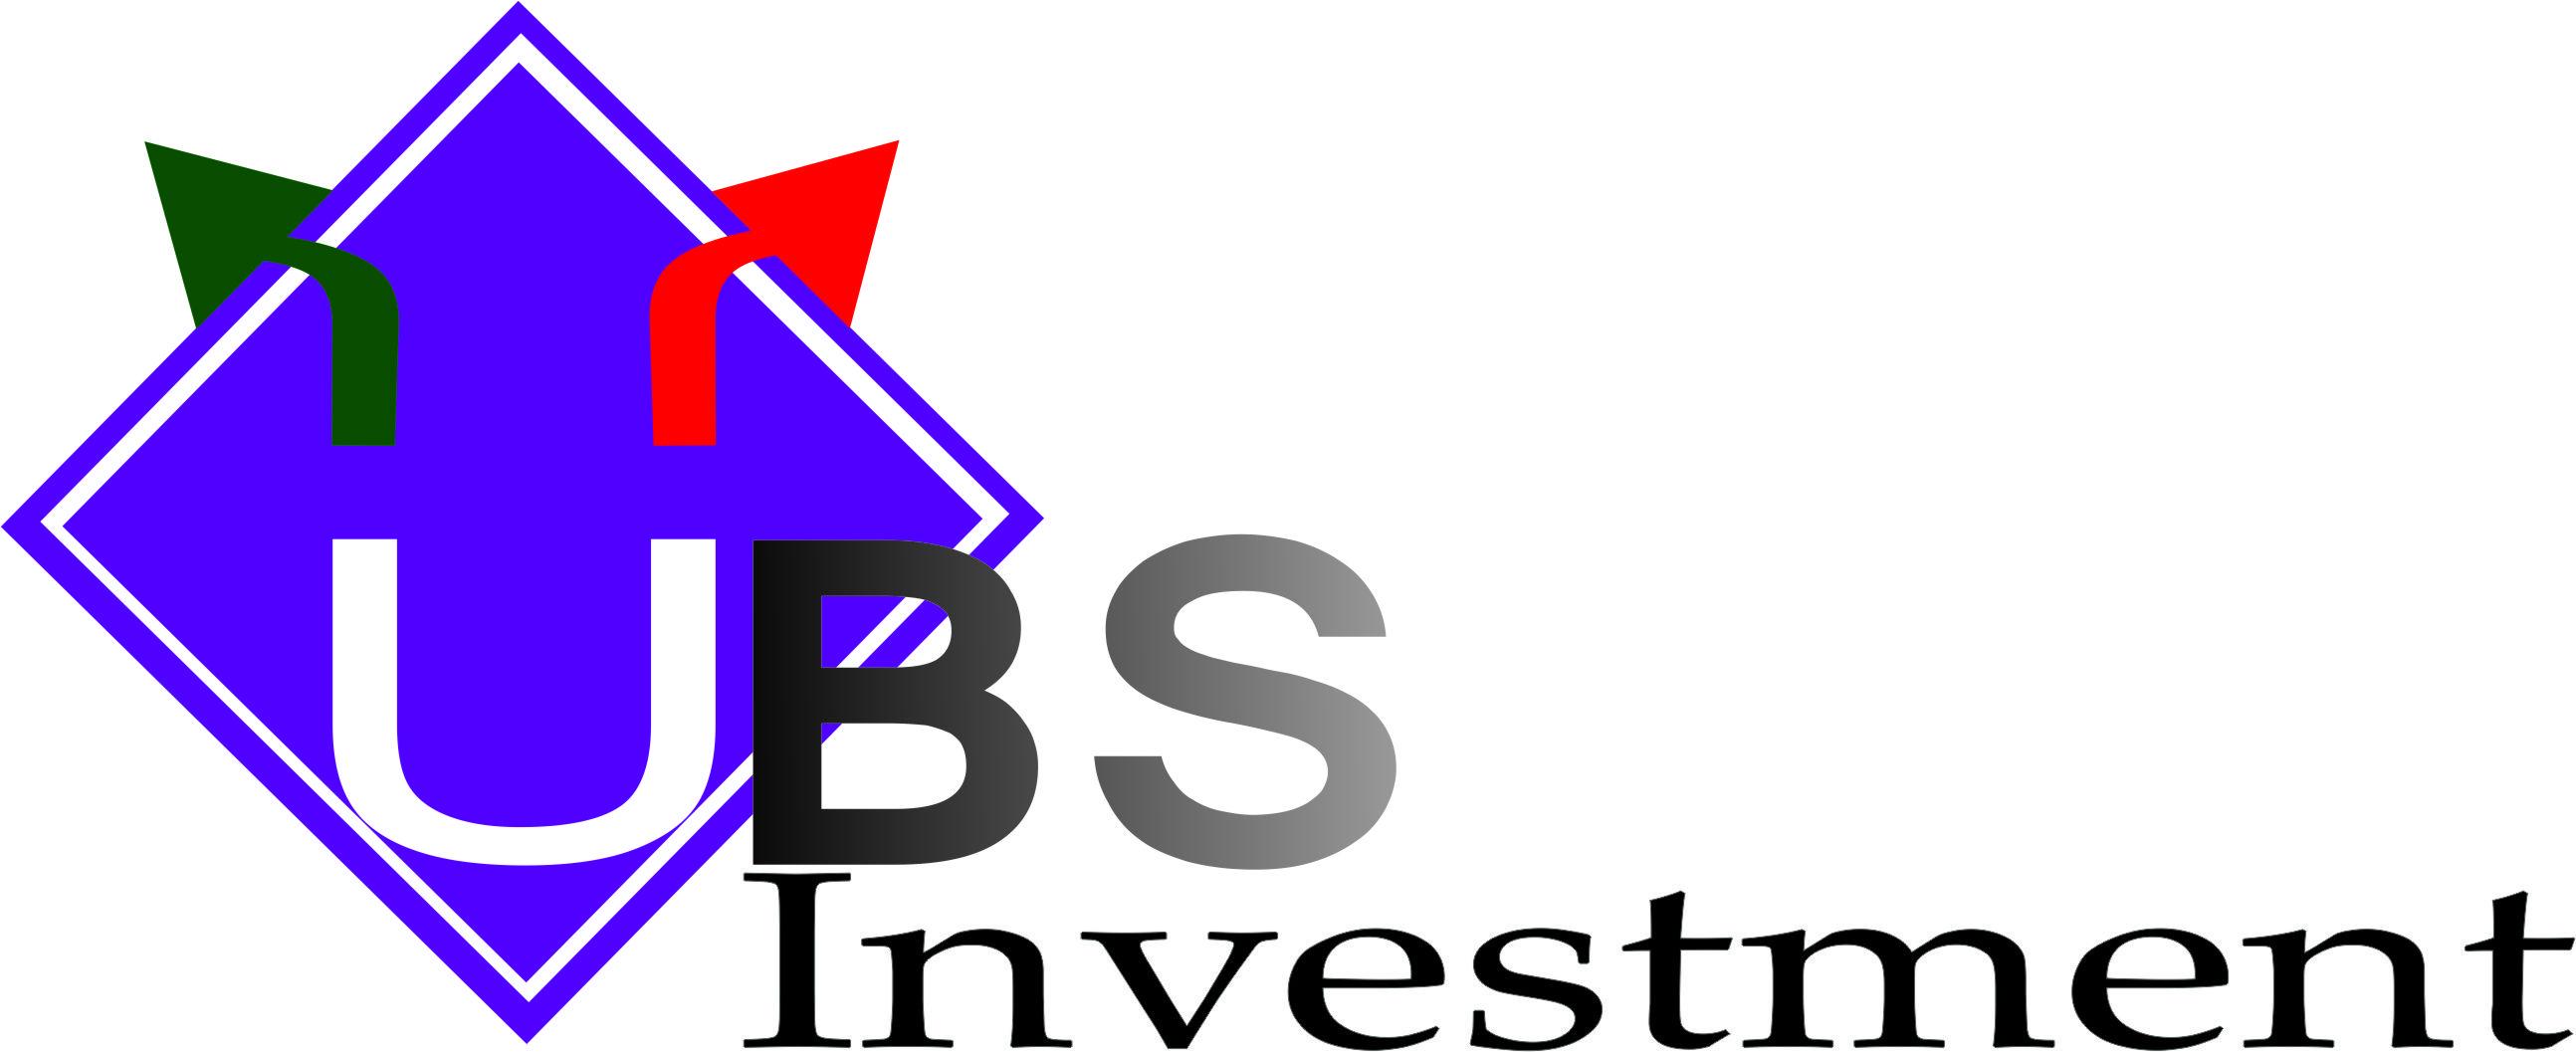 Разработка логотипа компании фото f_4ea5211372fdf.jpg